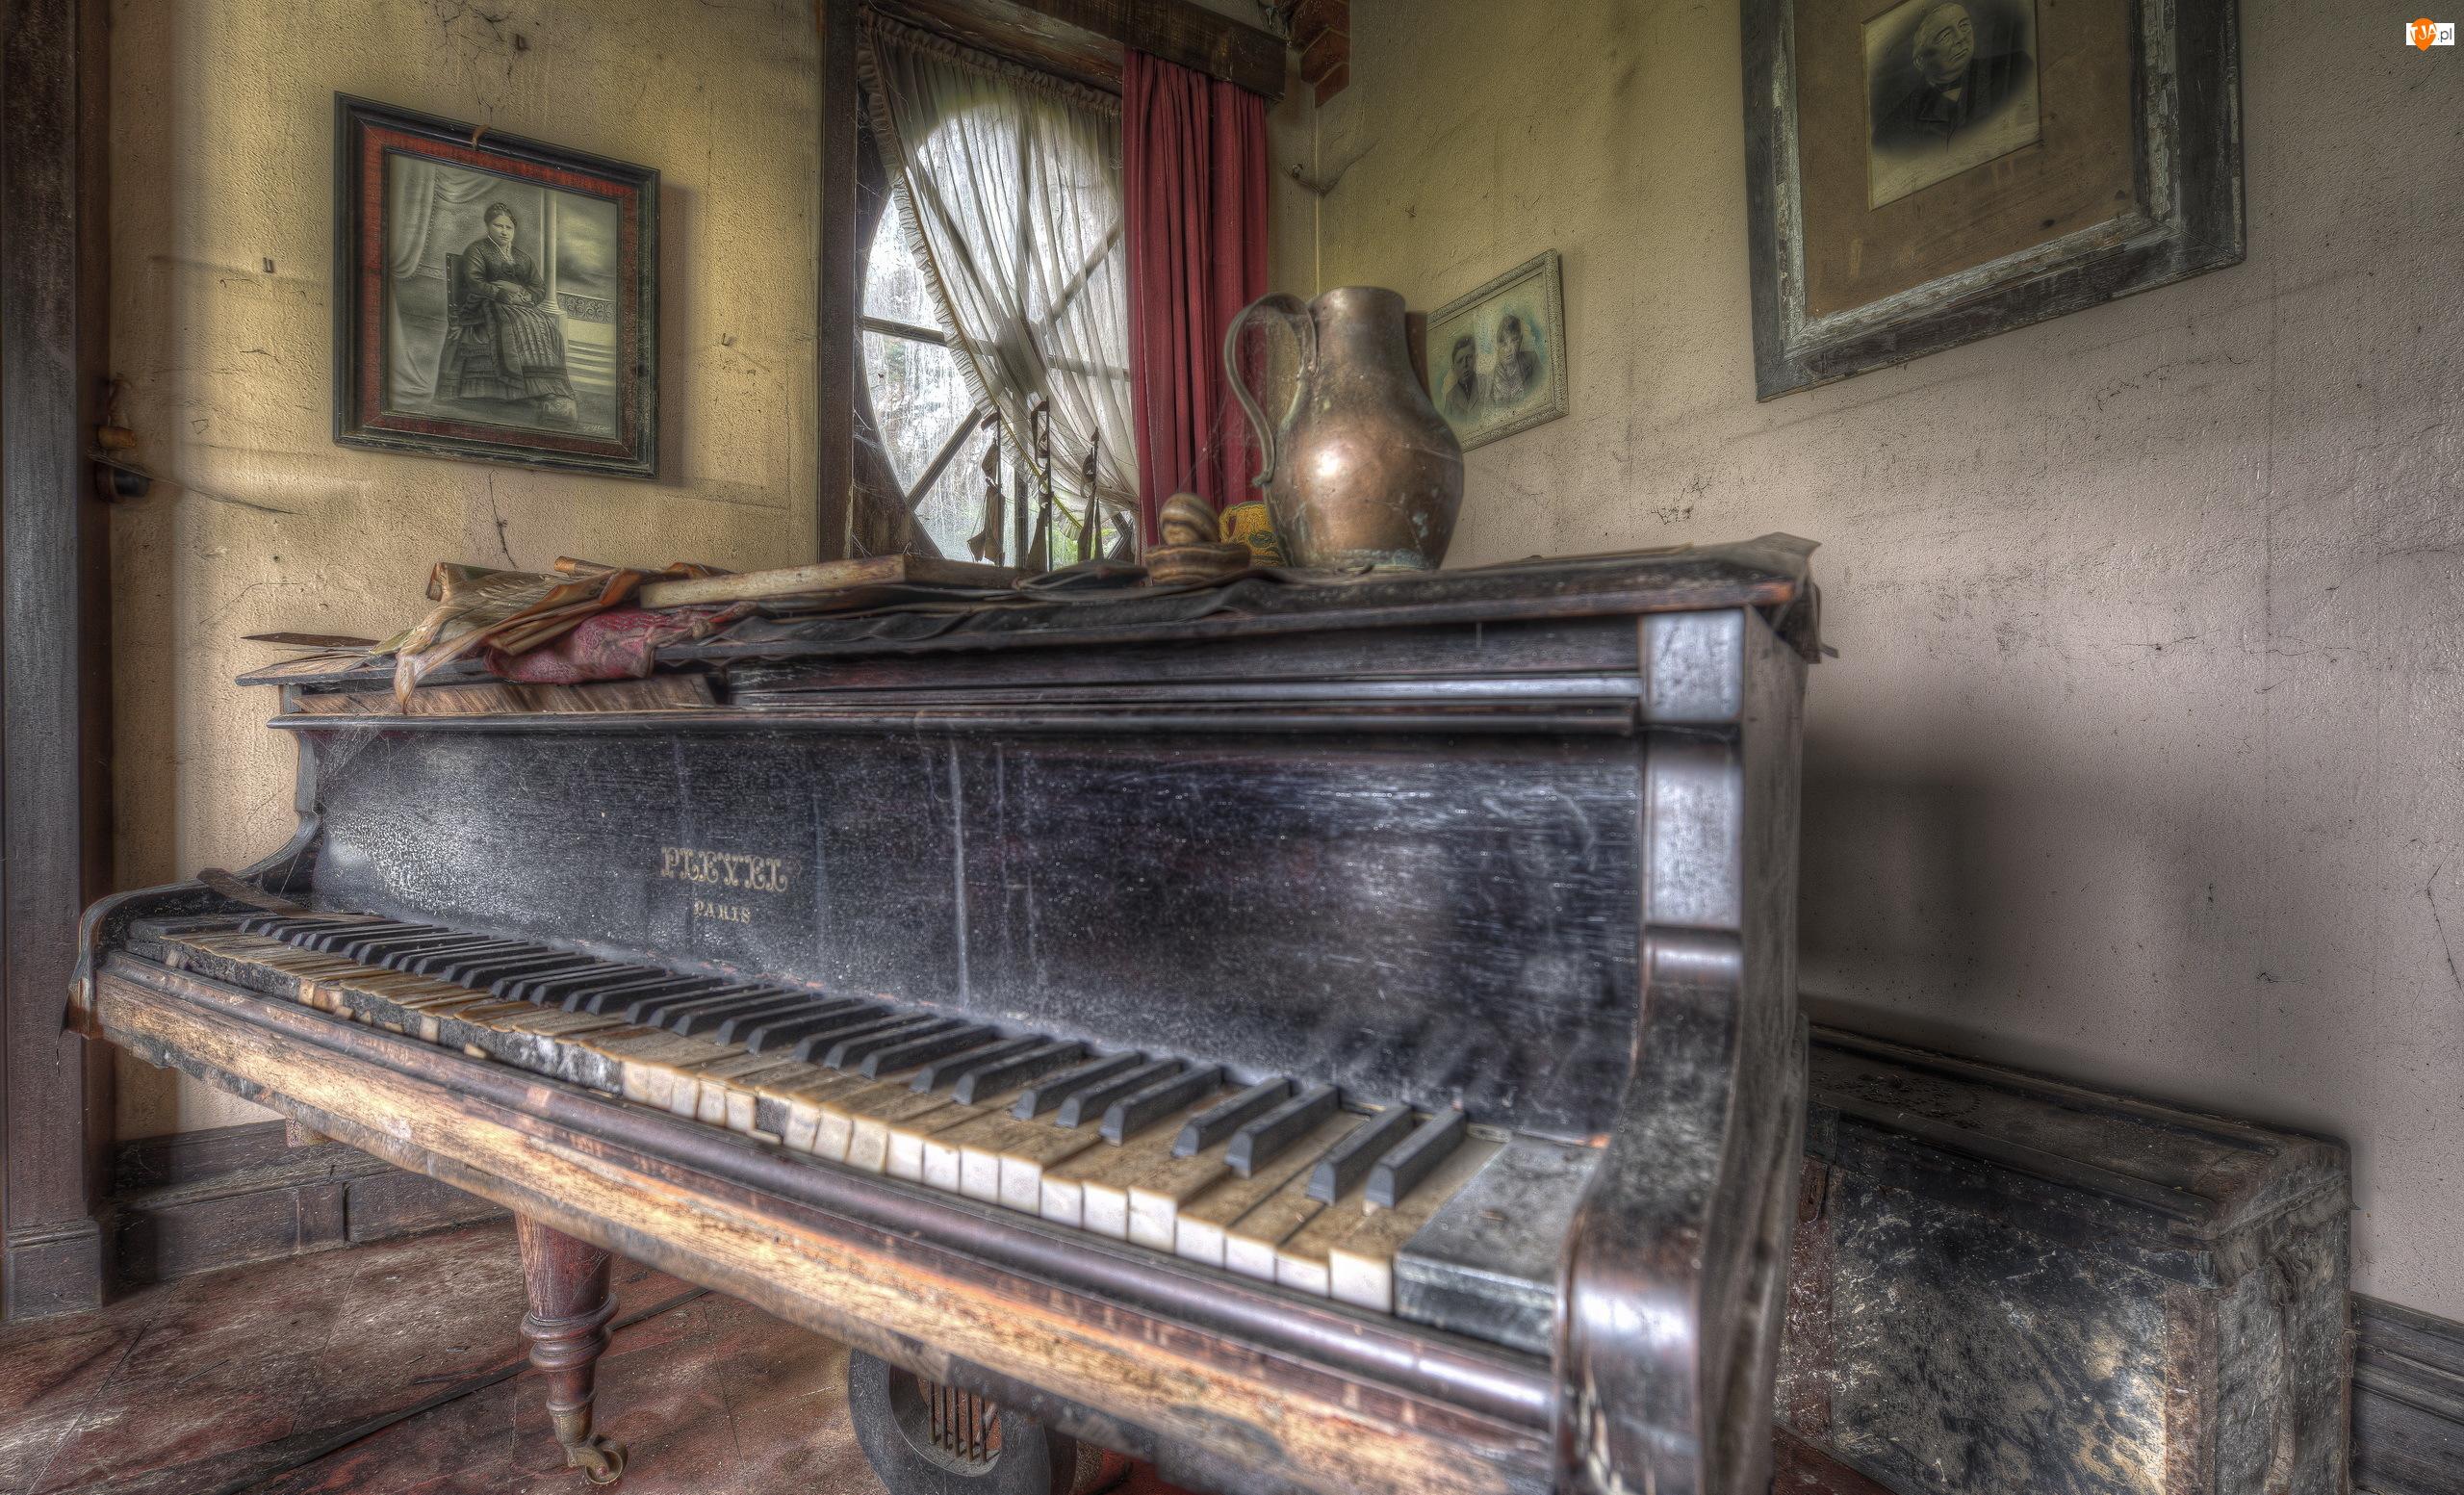 Pokój, Zaniedbany, Zdjęcia, HDR, Pianino, Dzban